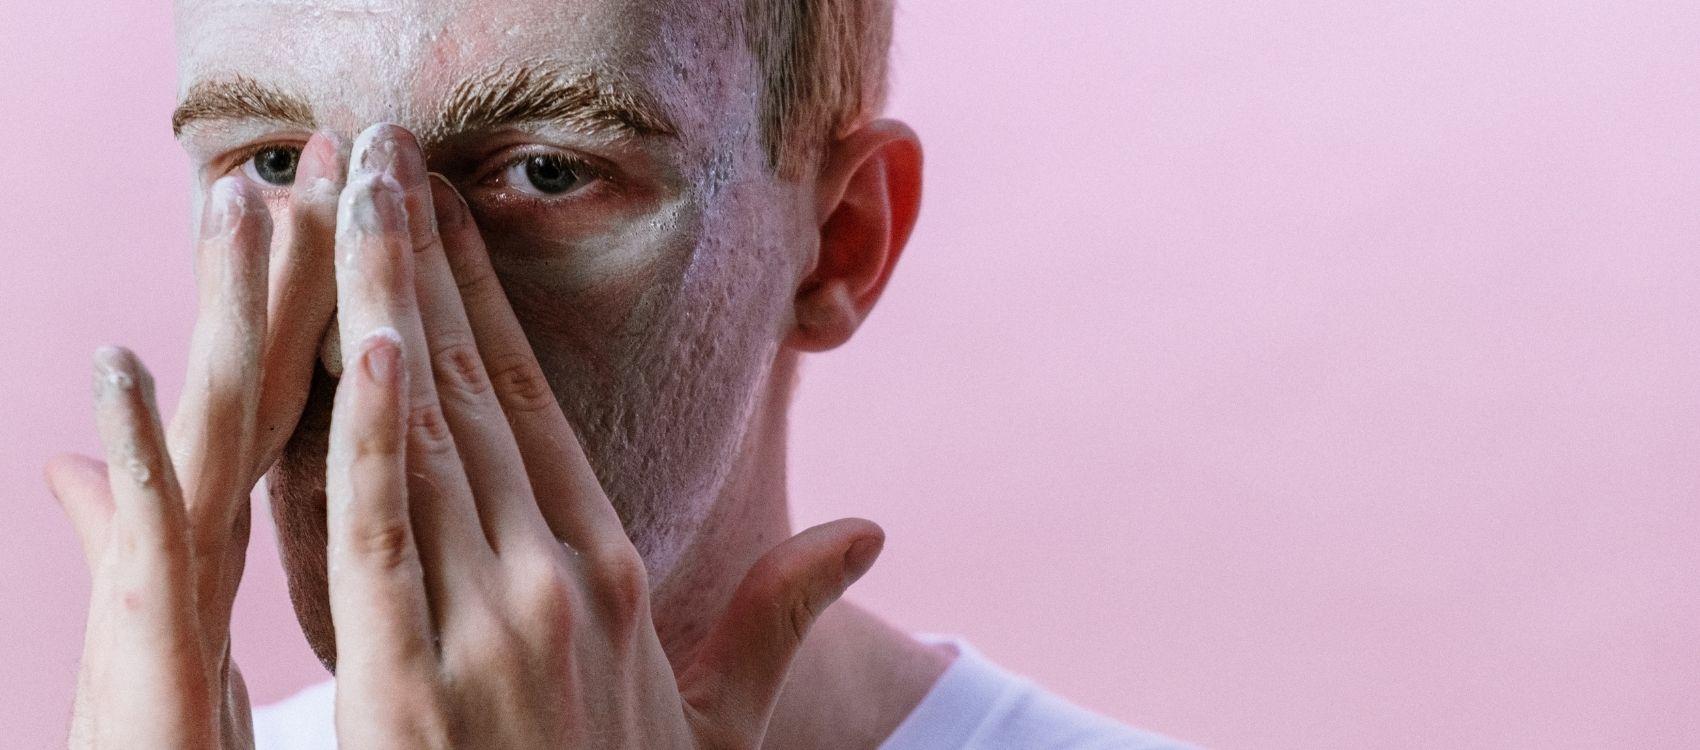 miesten ihonhoito